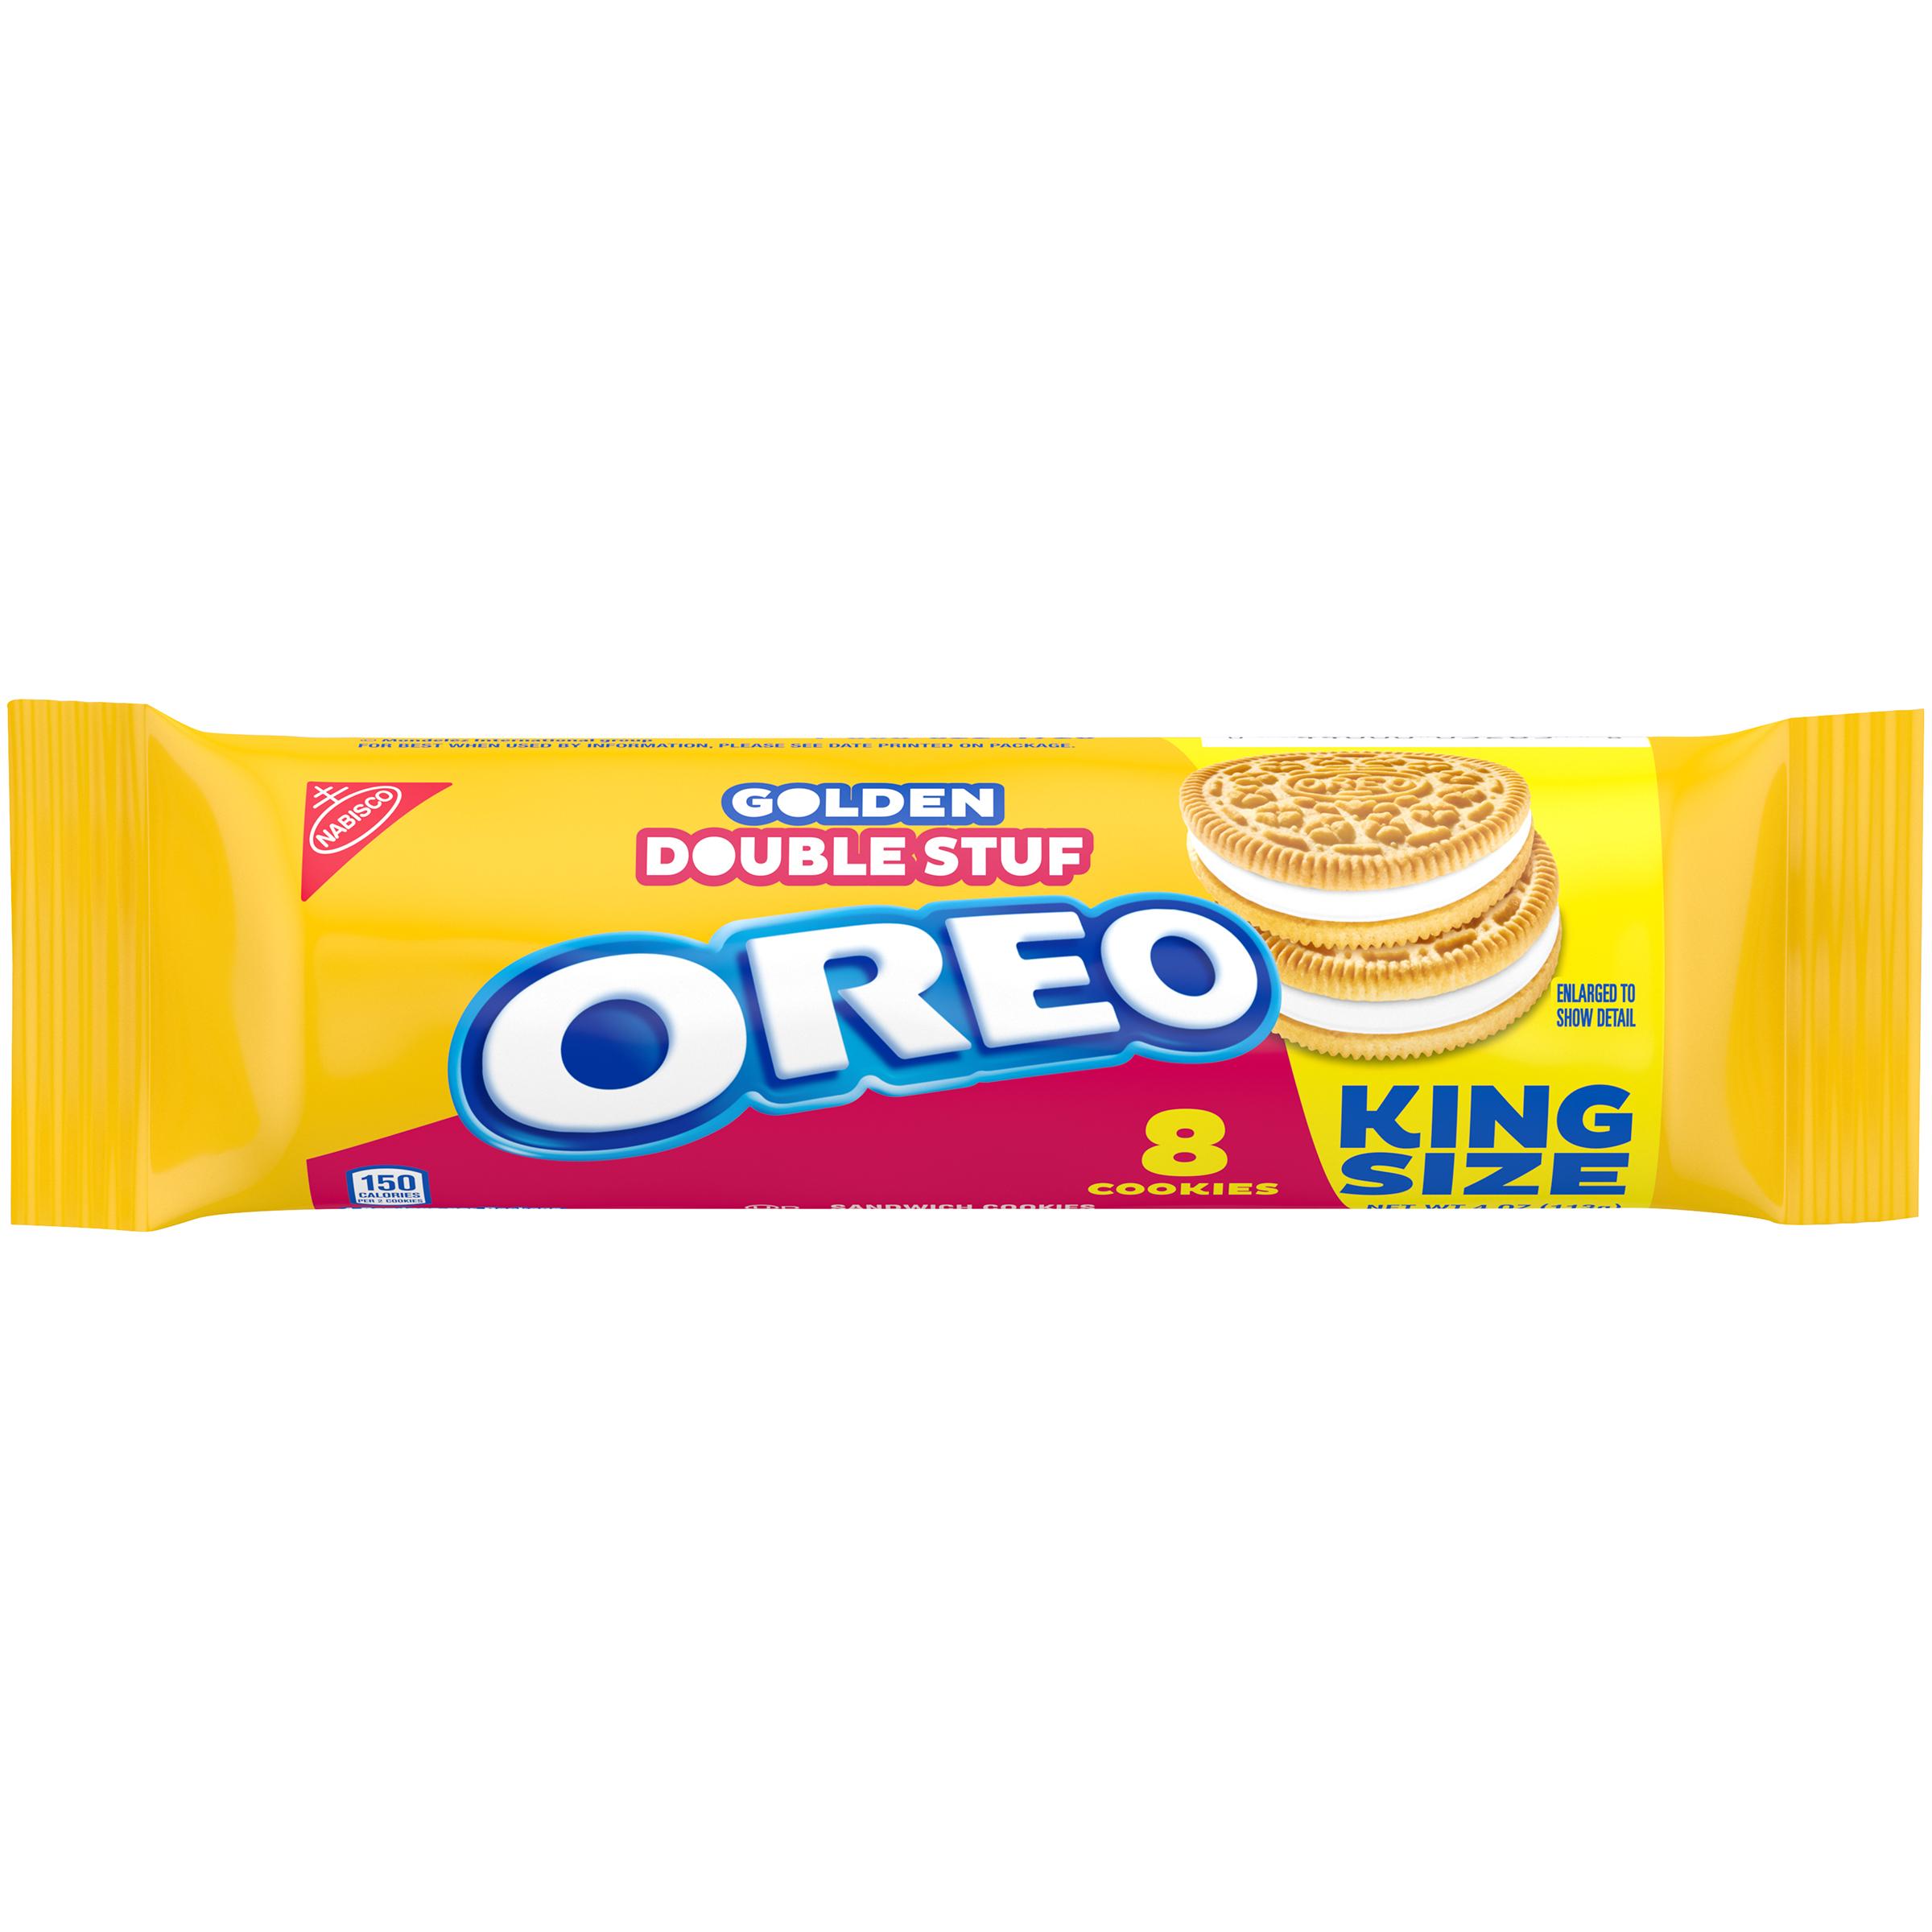 OREO Double Stuf Golden Oreo Cookies 4 oz